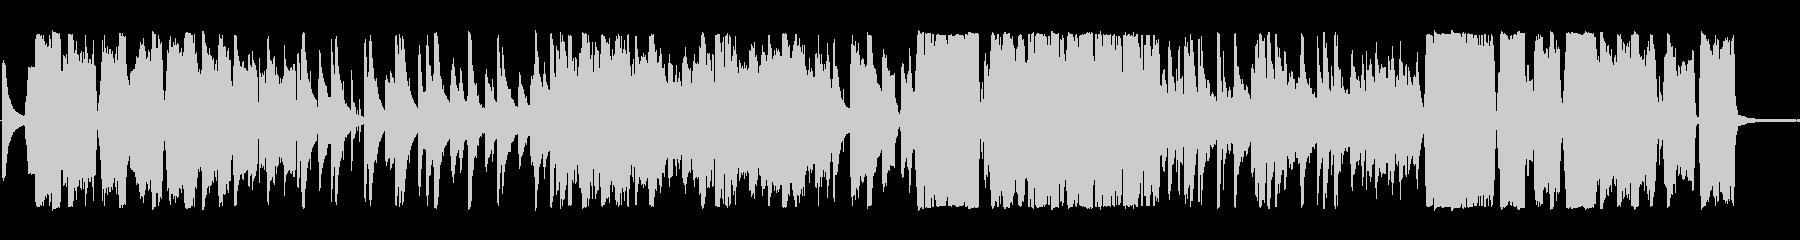 ジャズ 静か ハイテク アンビエン...の未再生の波形